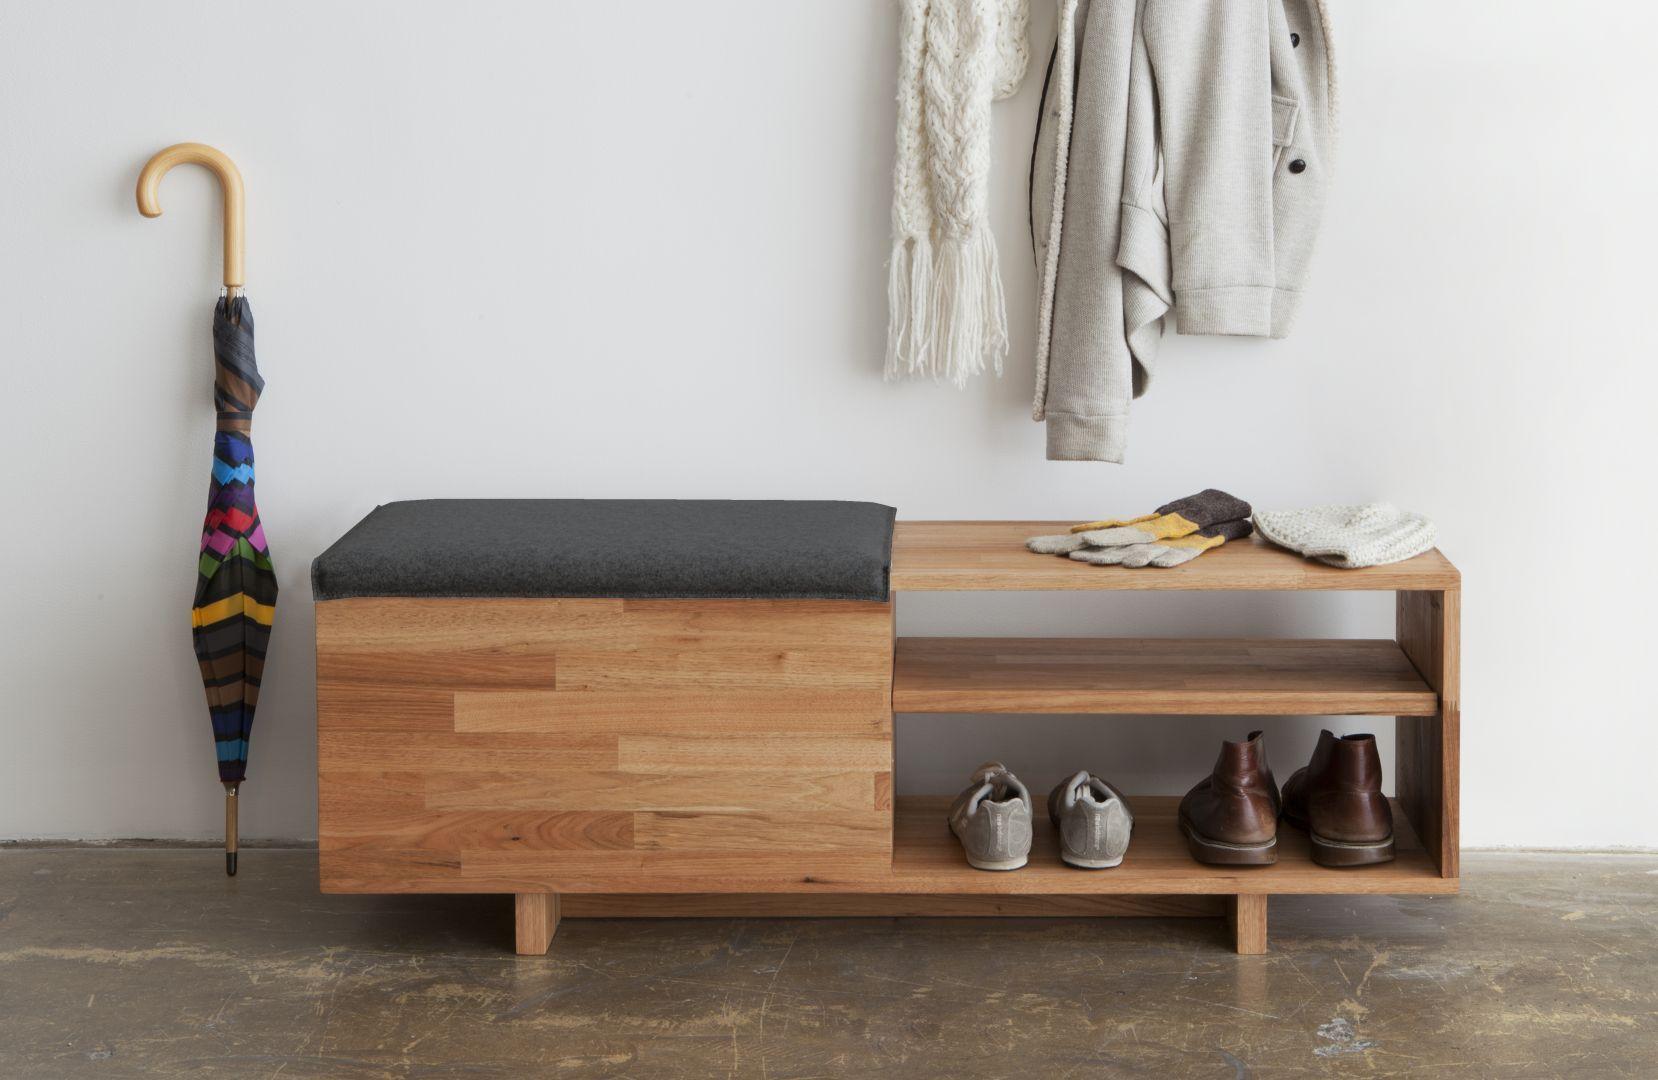 Правильное сезонное хранение обуви (36 фото): оригинальные органайзеры и решения